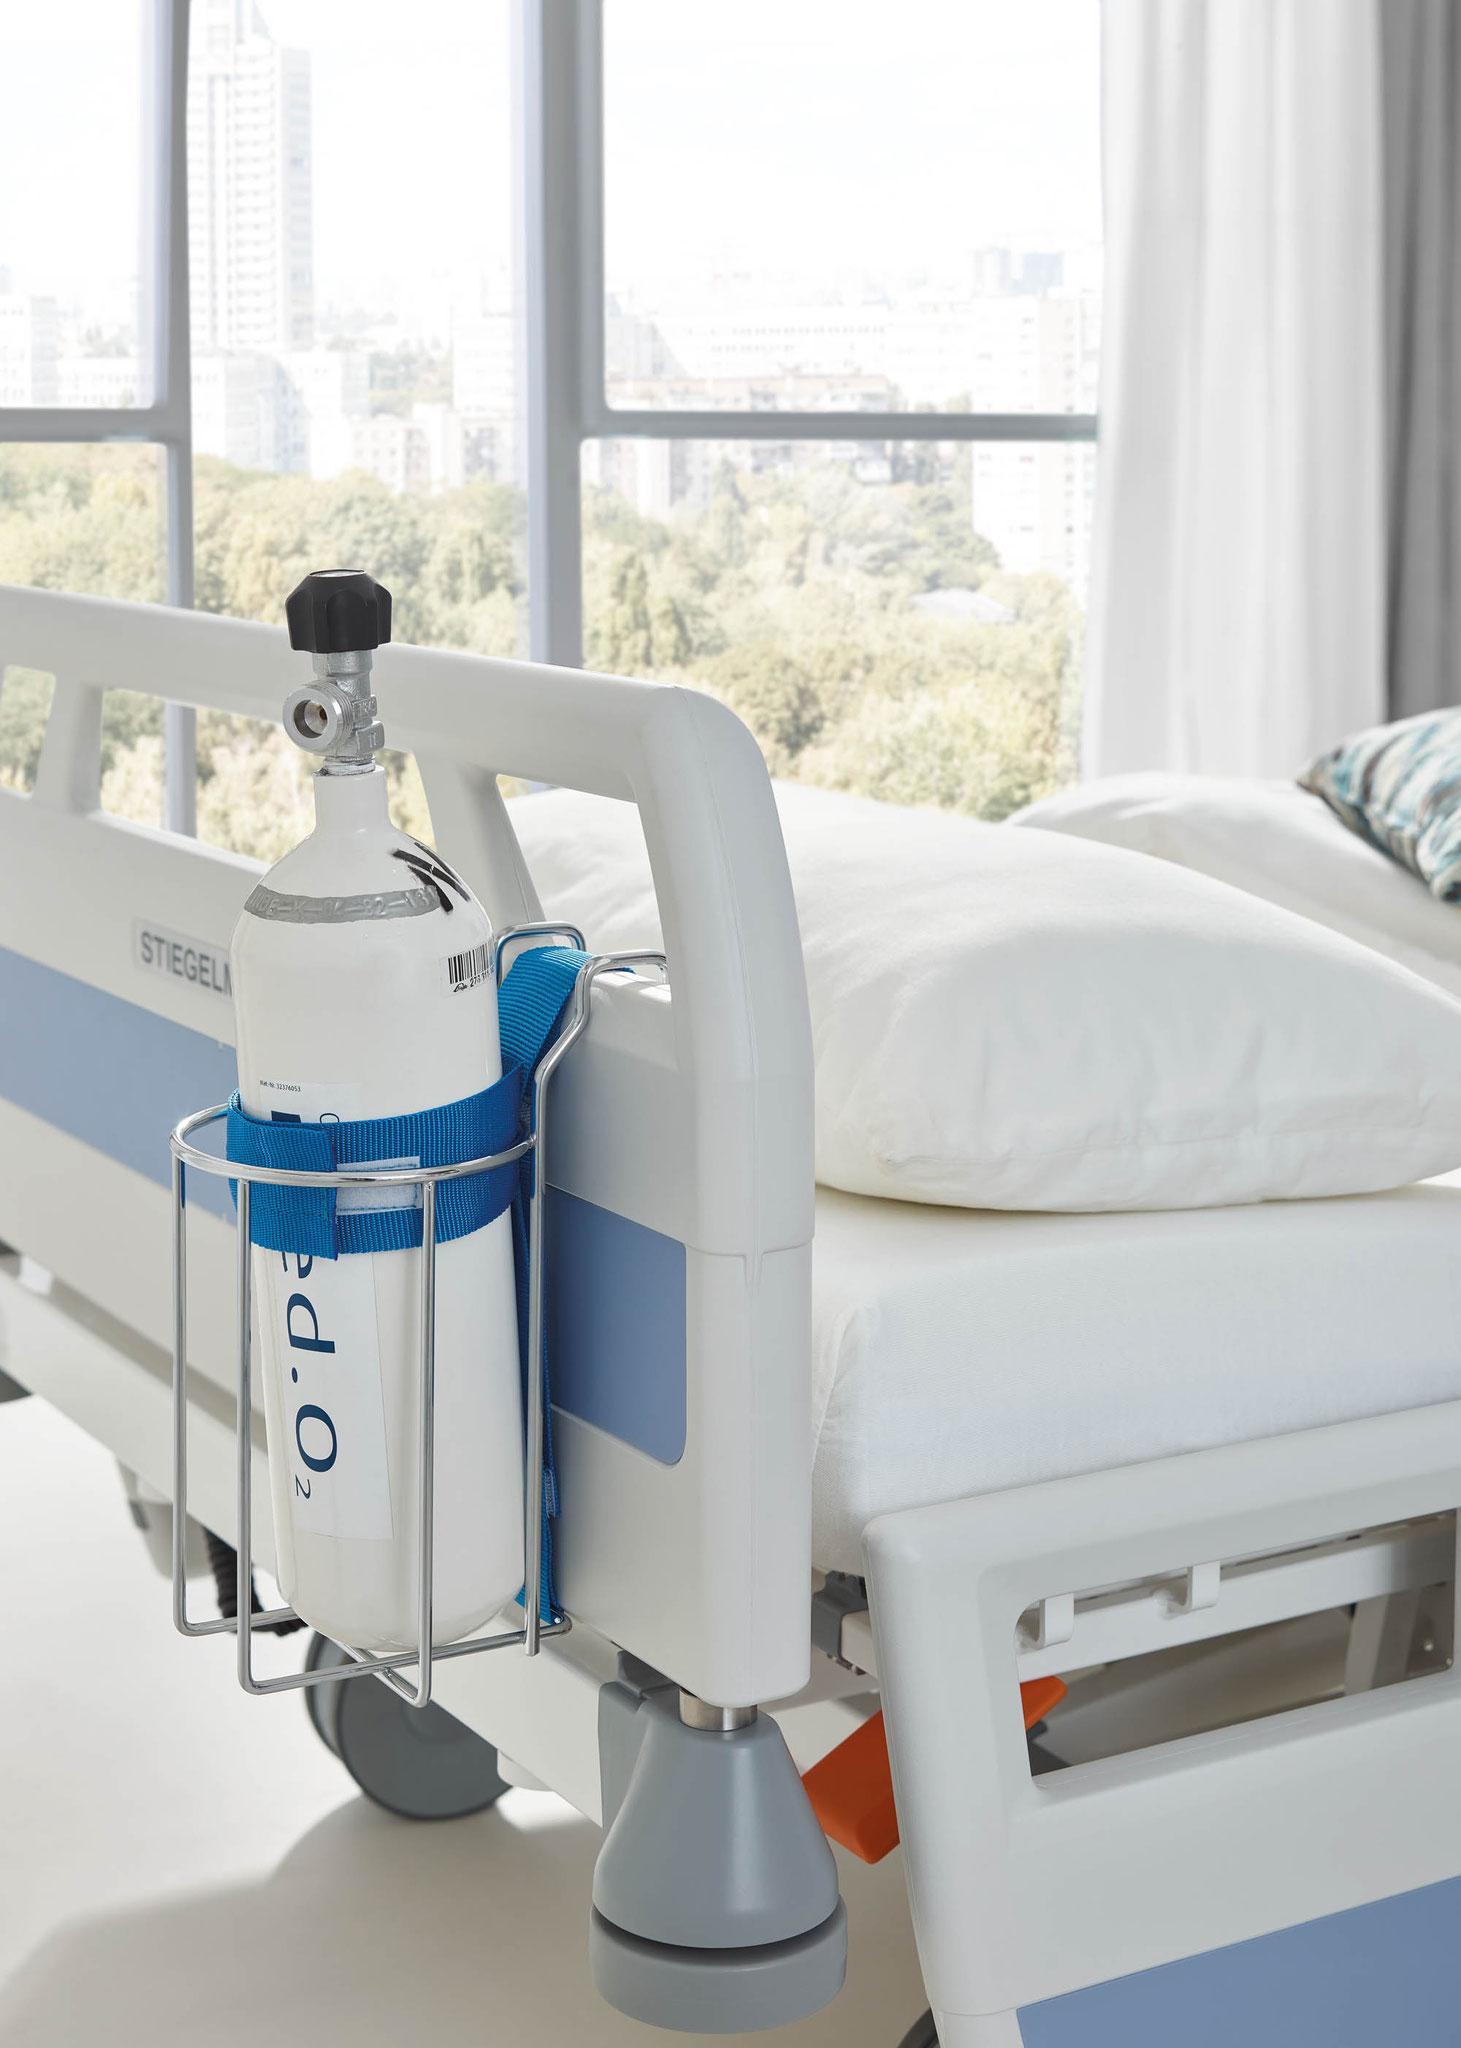 Unser Sauerstoffflaschenkorb ermöglicht die flexible Positionierung von bis zu 2 Liter fassenden Flaschen an den Kopf- und Fußteilen.